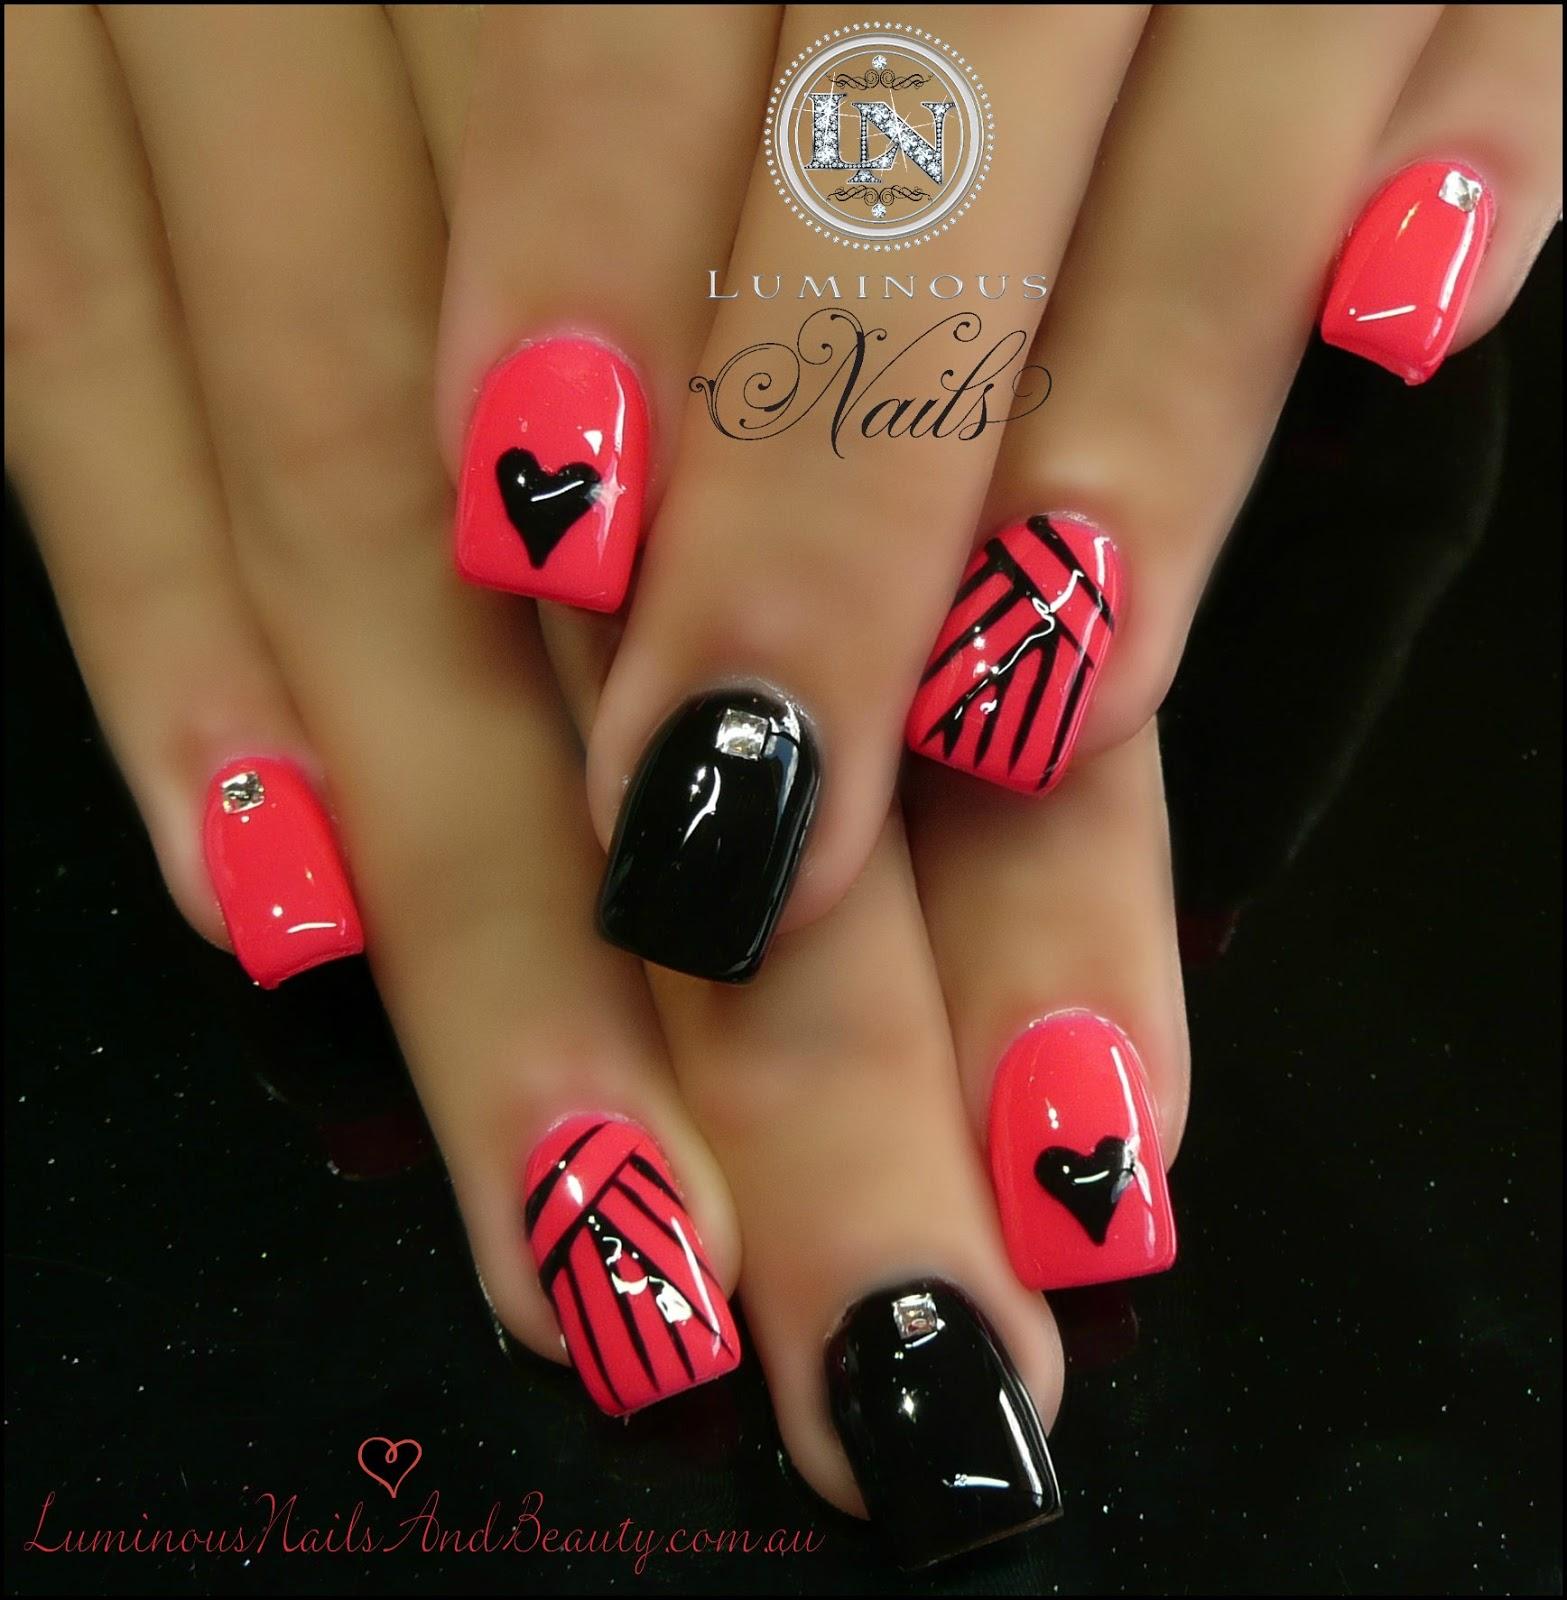 Pink Acrylic Nail Designs: Luminous Nails: March 2013